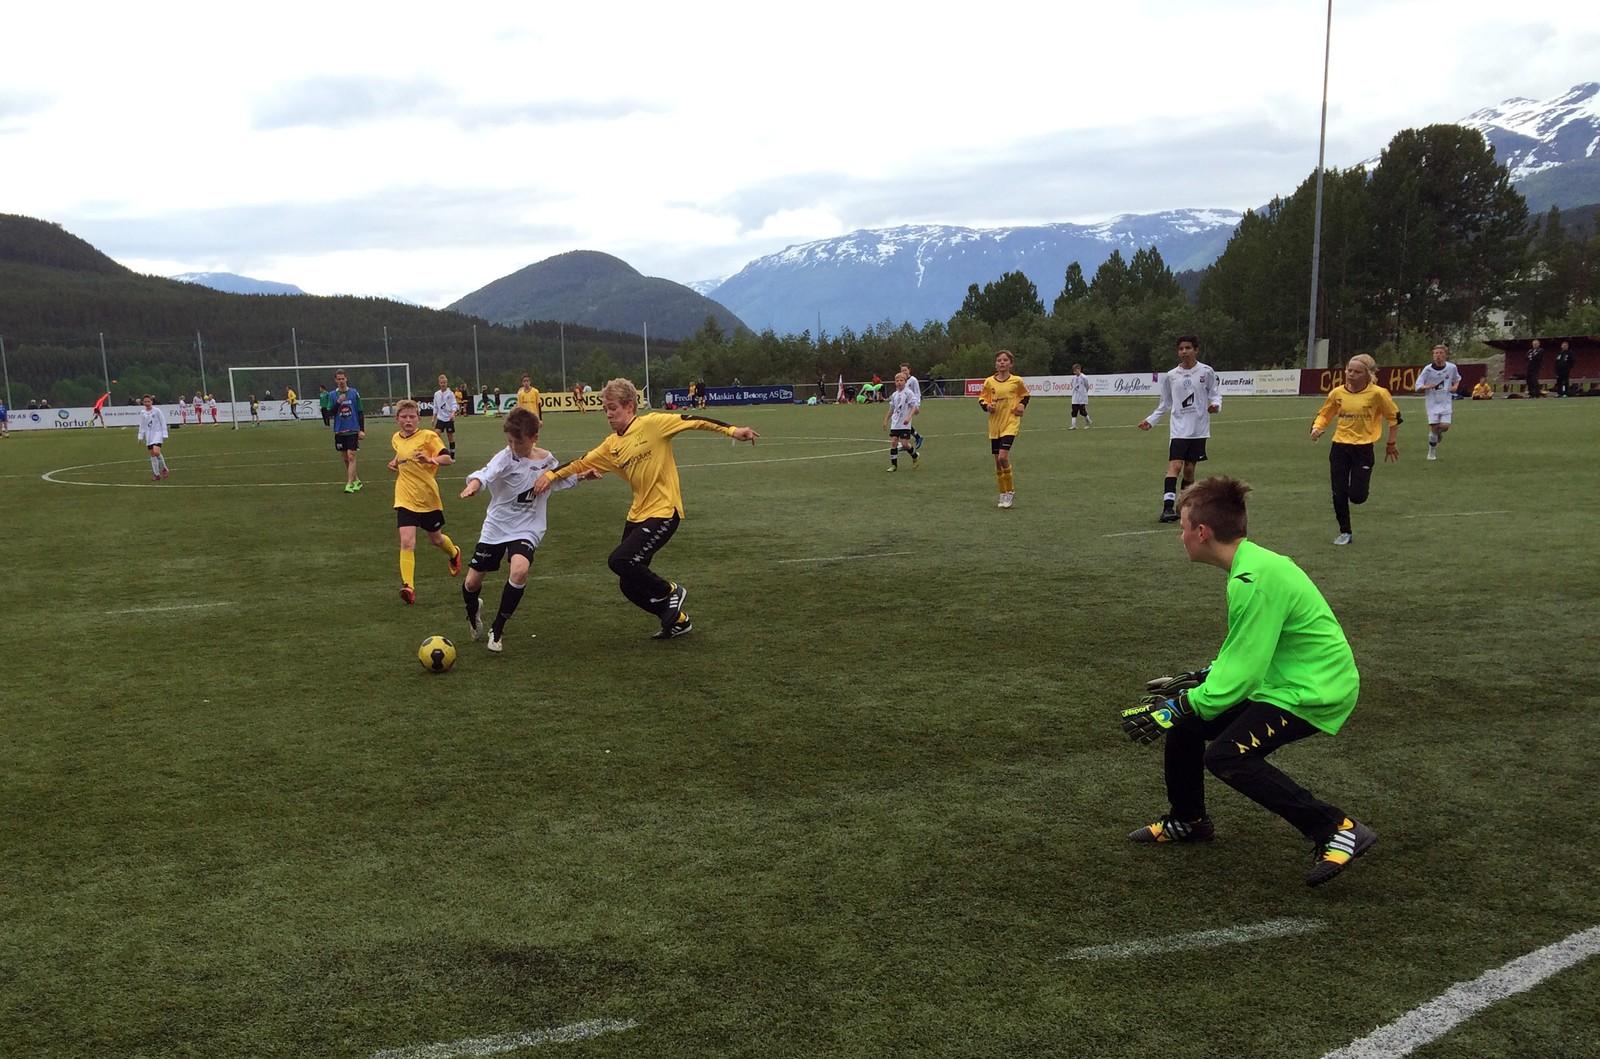 GIFTIG SPISS: Brage Vingsnes og Førde sitt G13-grendalag frå Slåtten vann 9-1 mot Os.